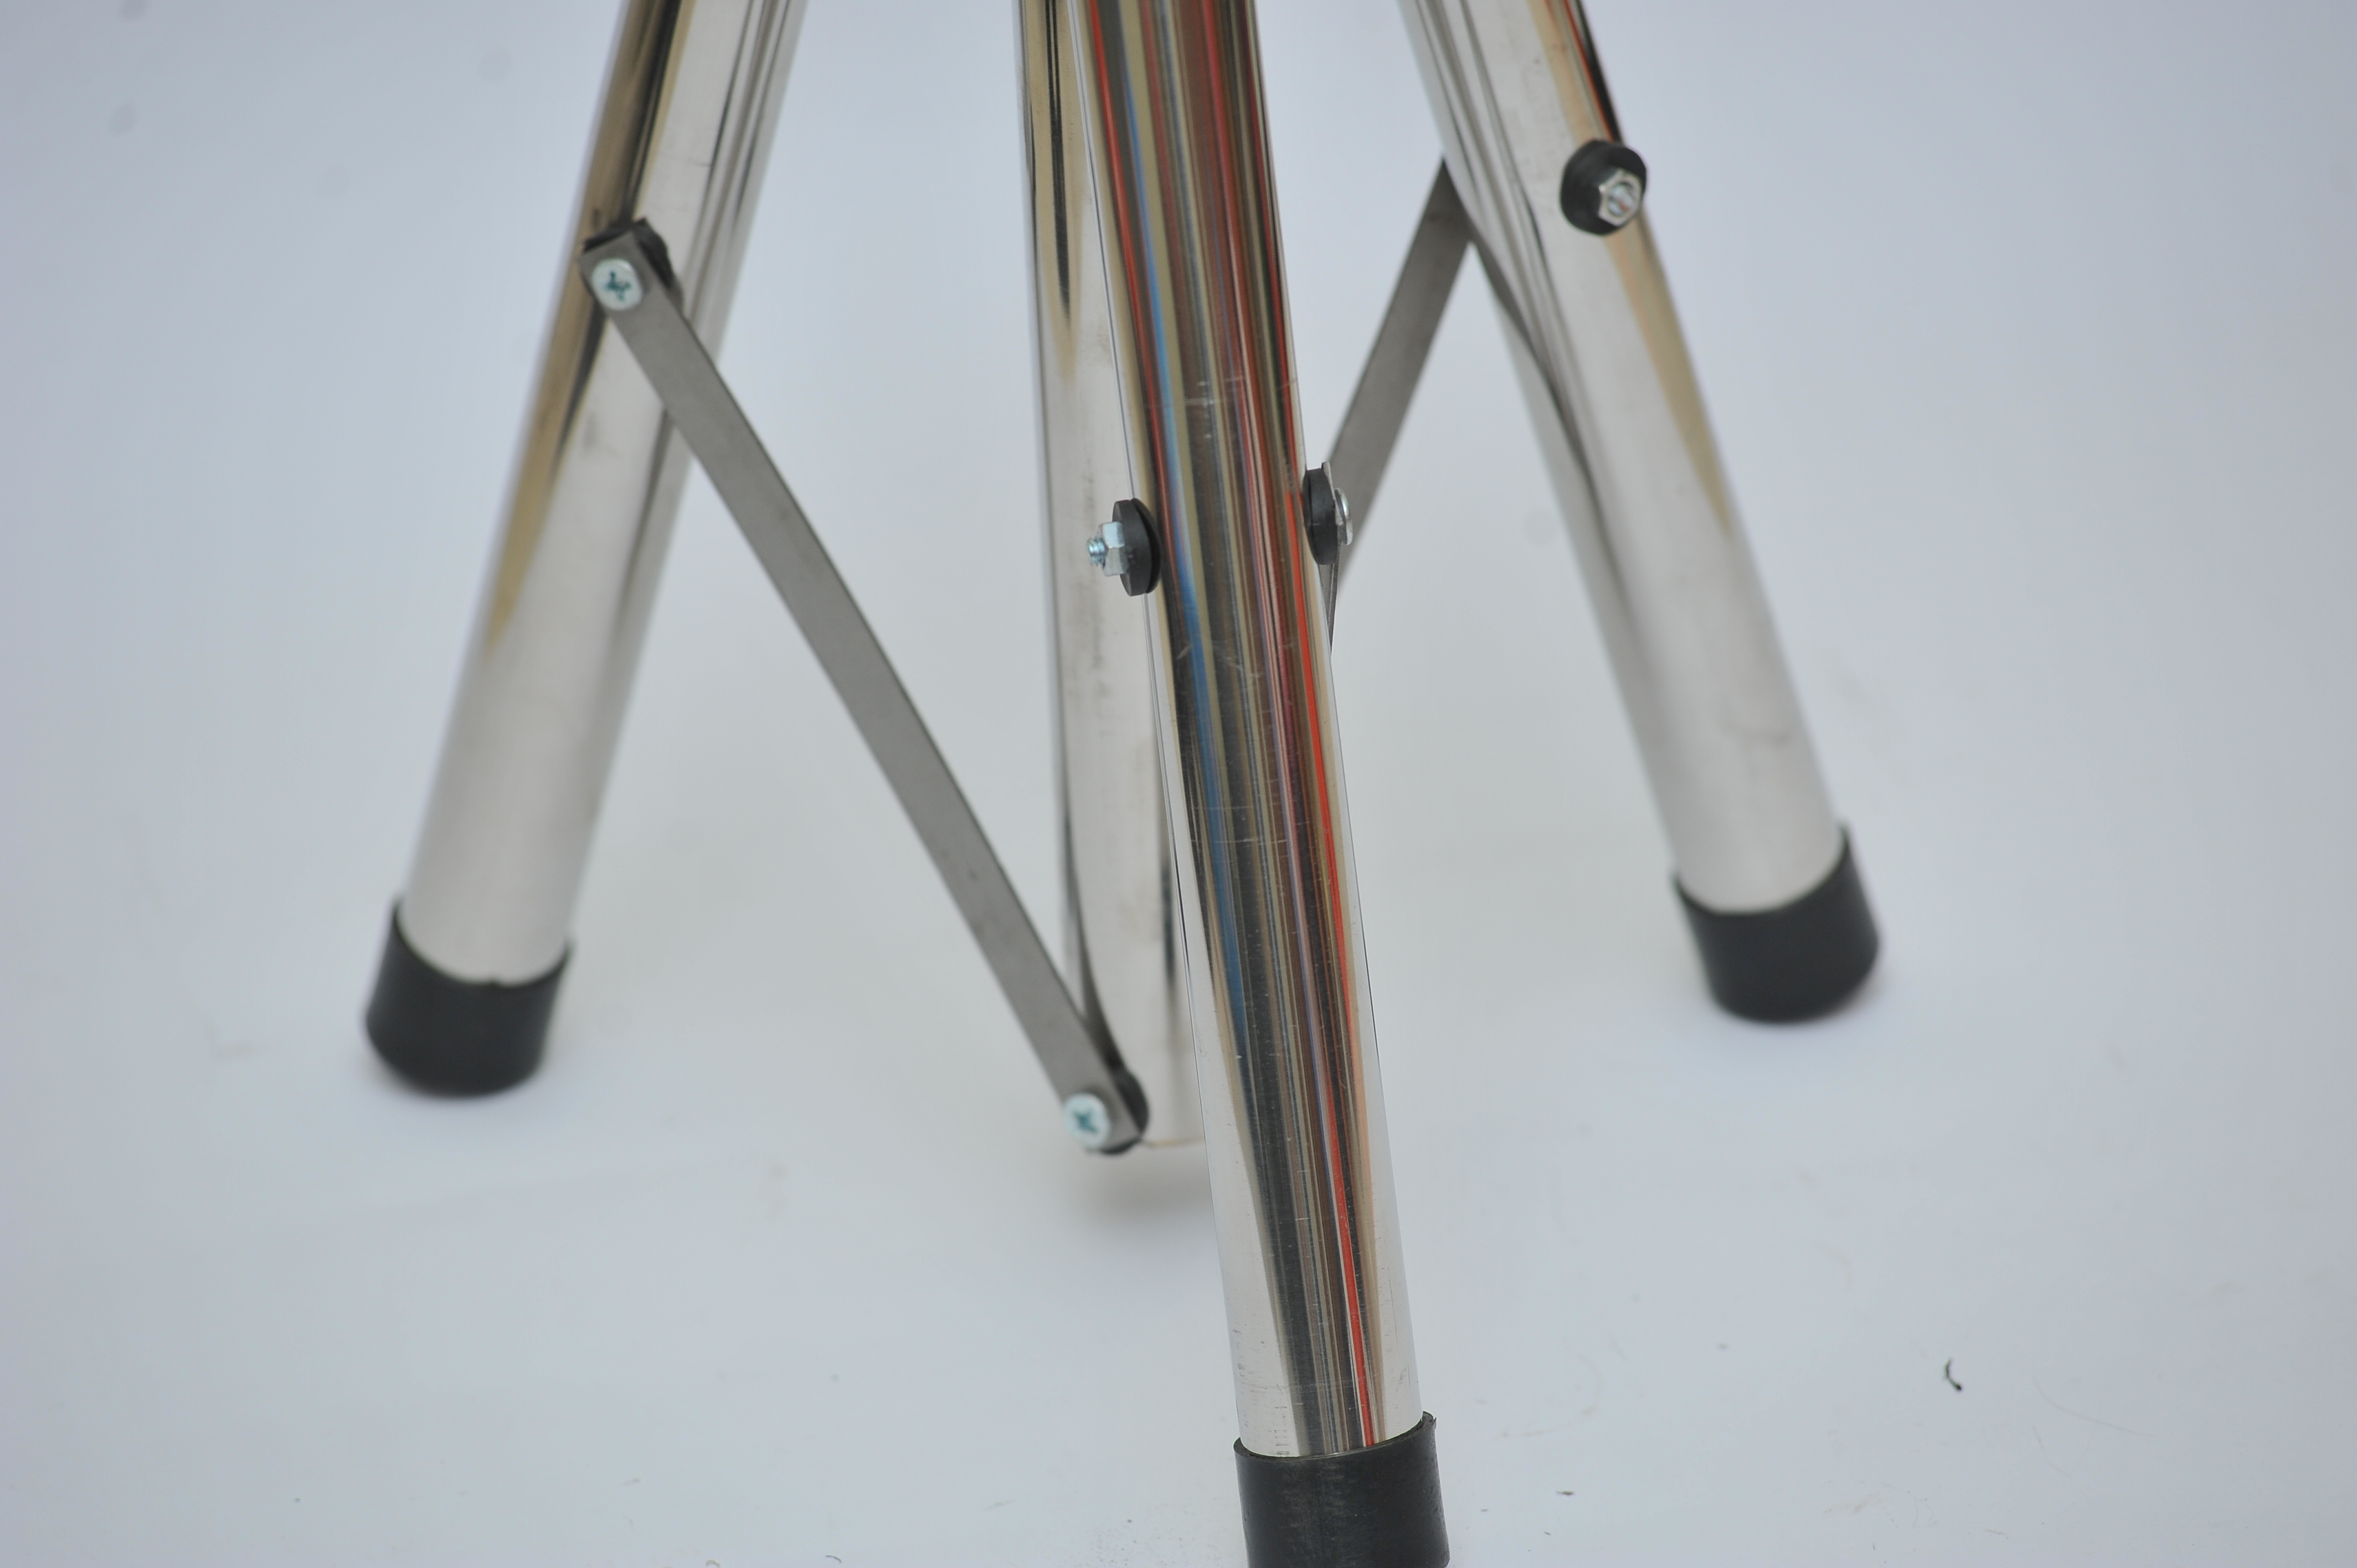 Chân loa đứng- Giá đỡ loa đứng inox (2 chiếc)